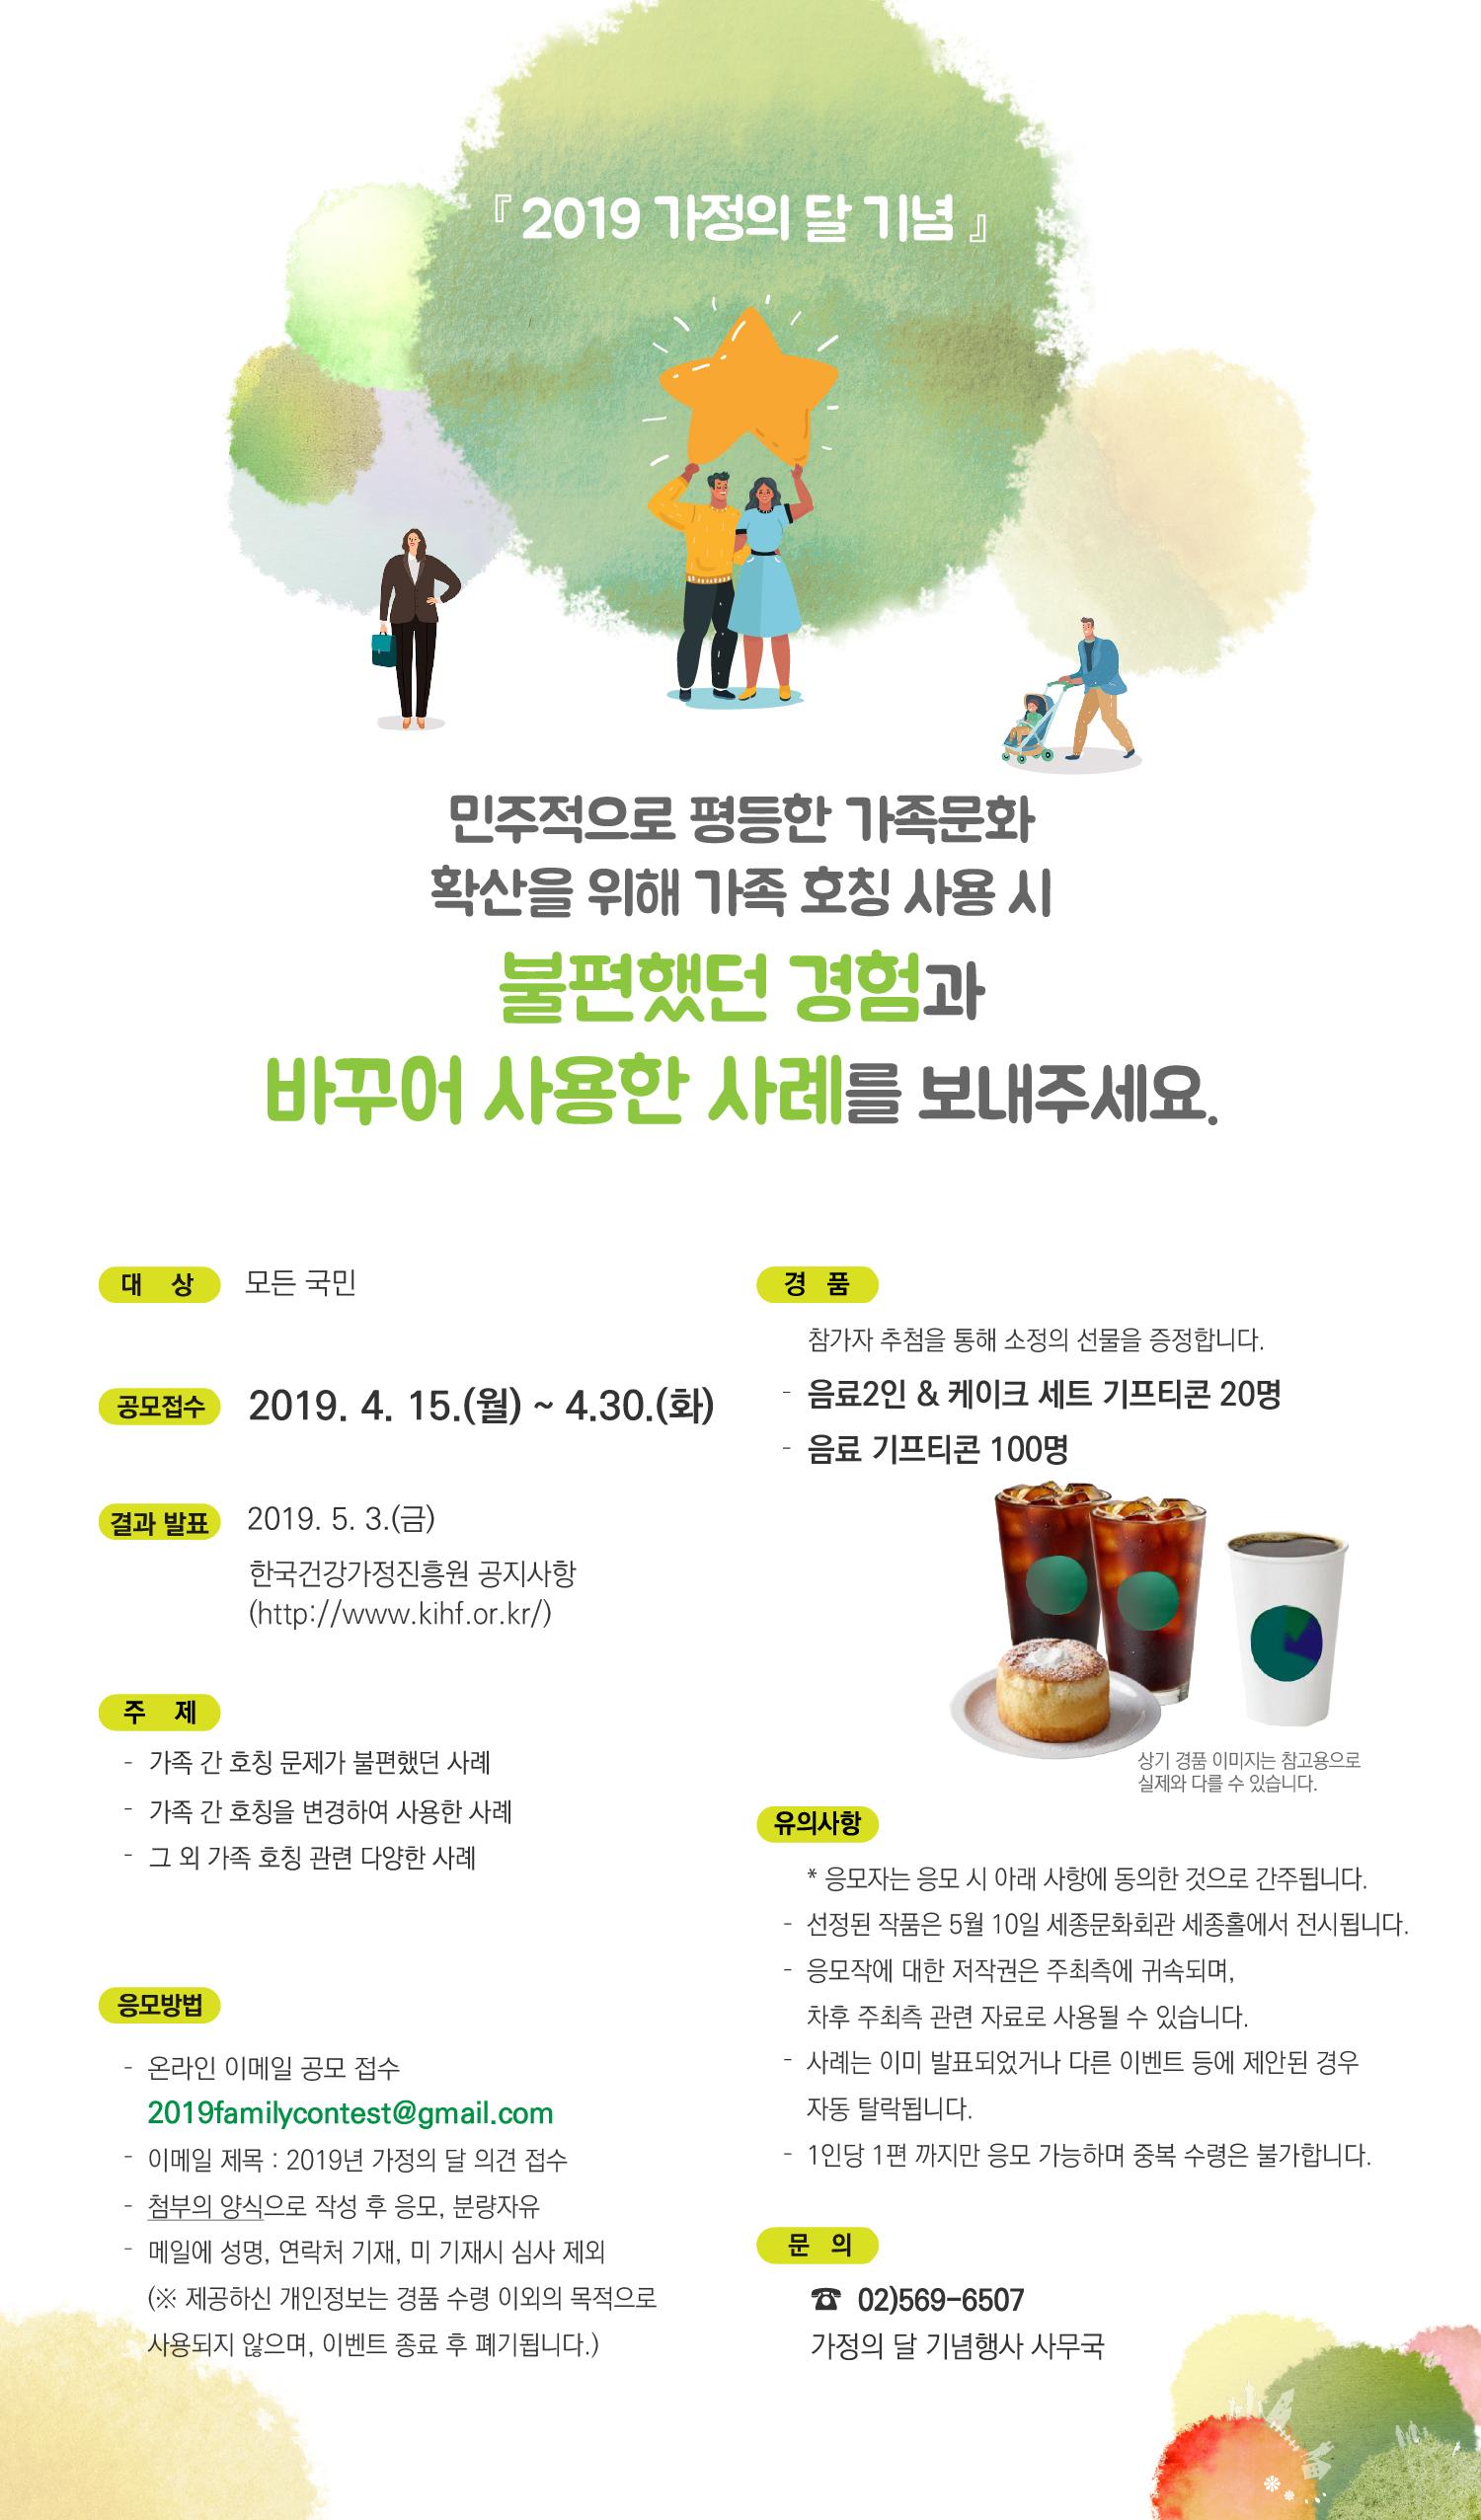 2019년 가정의달 기념 <가족호칭사례 이벤트>